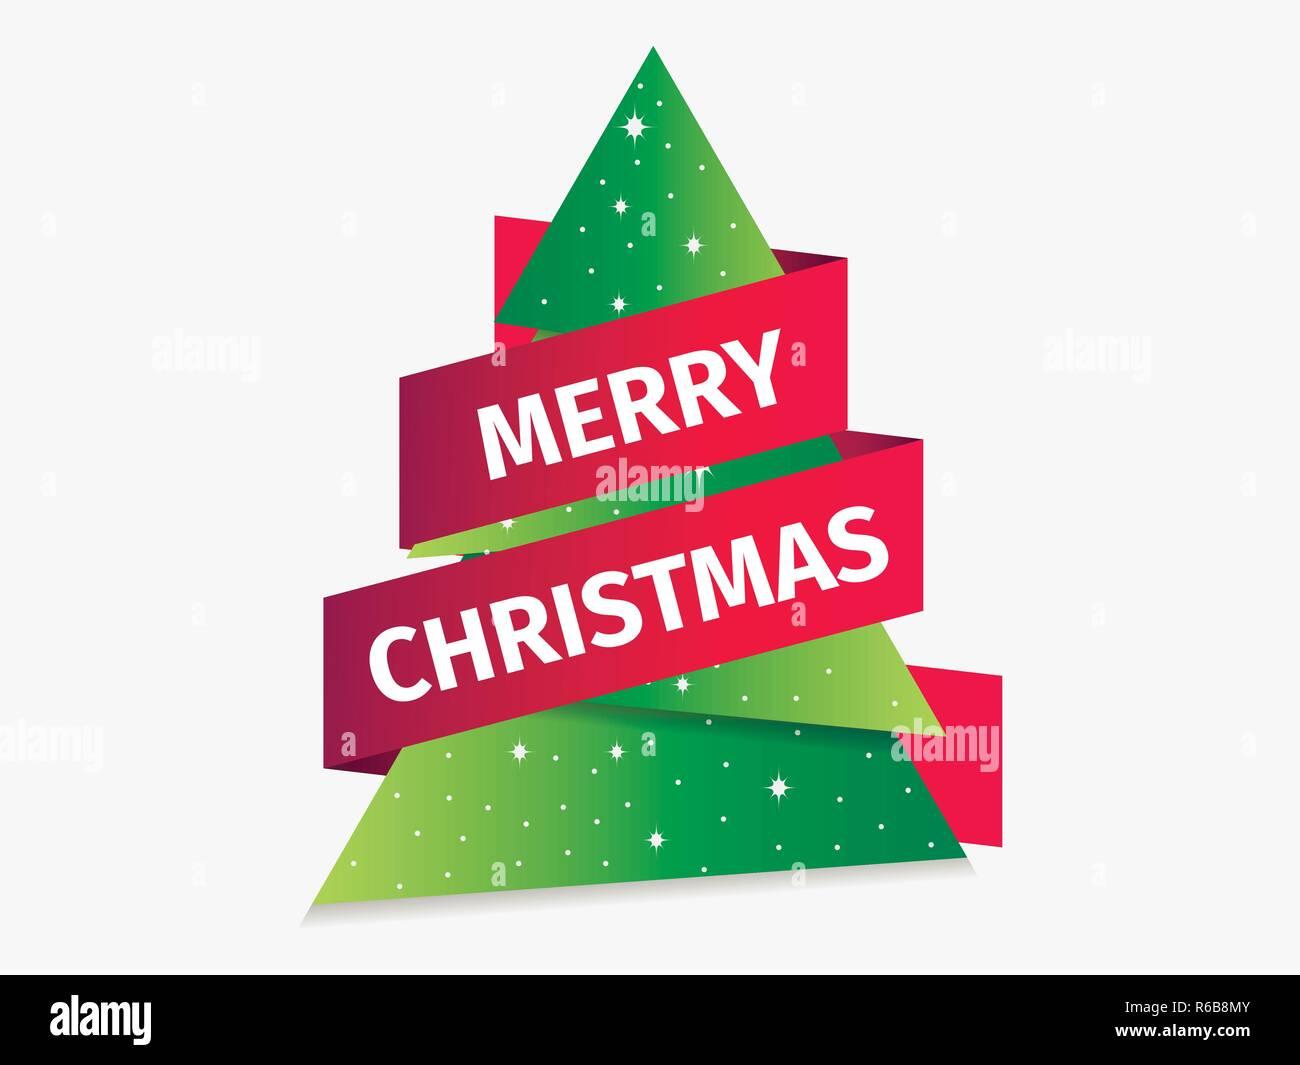 Frohe Weihnachten Band.Frohe Weihnachten Grußkarte Weihnachtsbaum Mit Band Papier Tanne